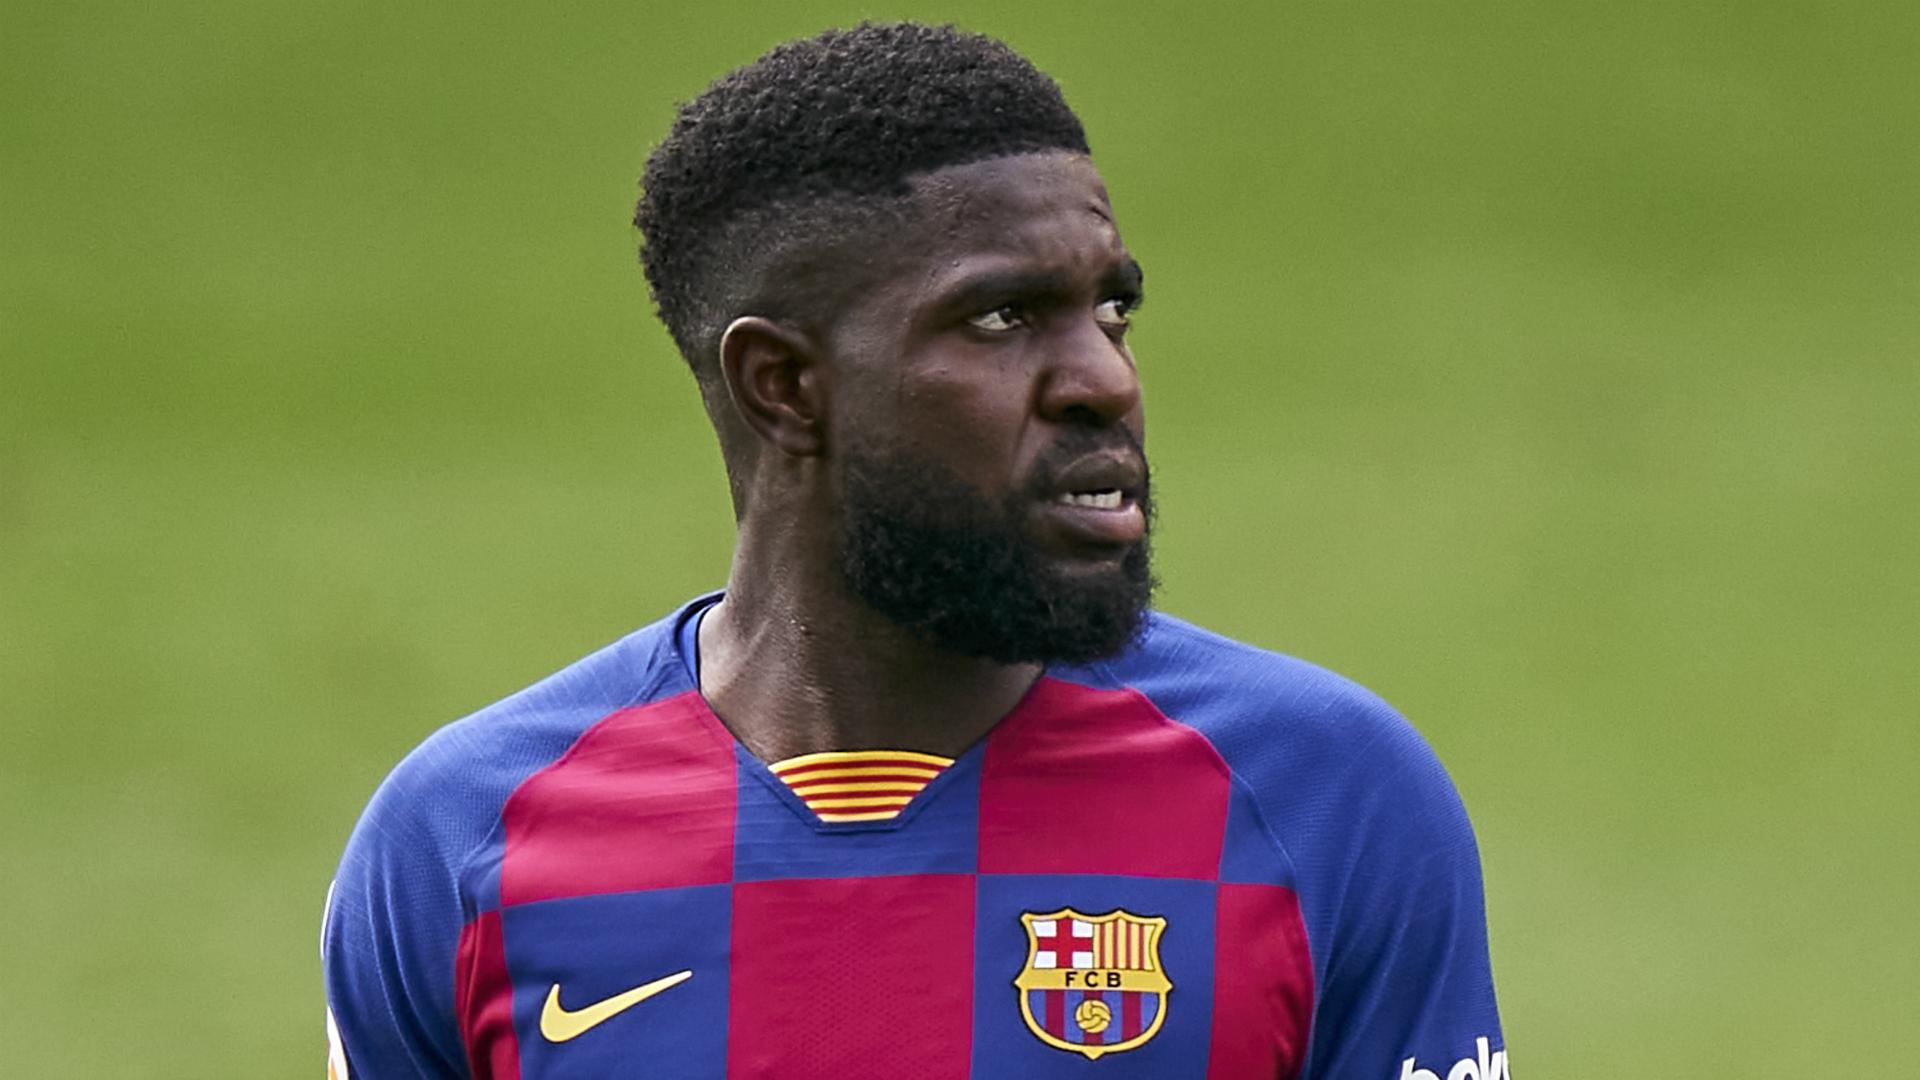 Barcelona is Barcelona - Umtiti not ready to leave Camp Nou despite Lyon interest